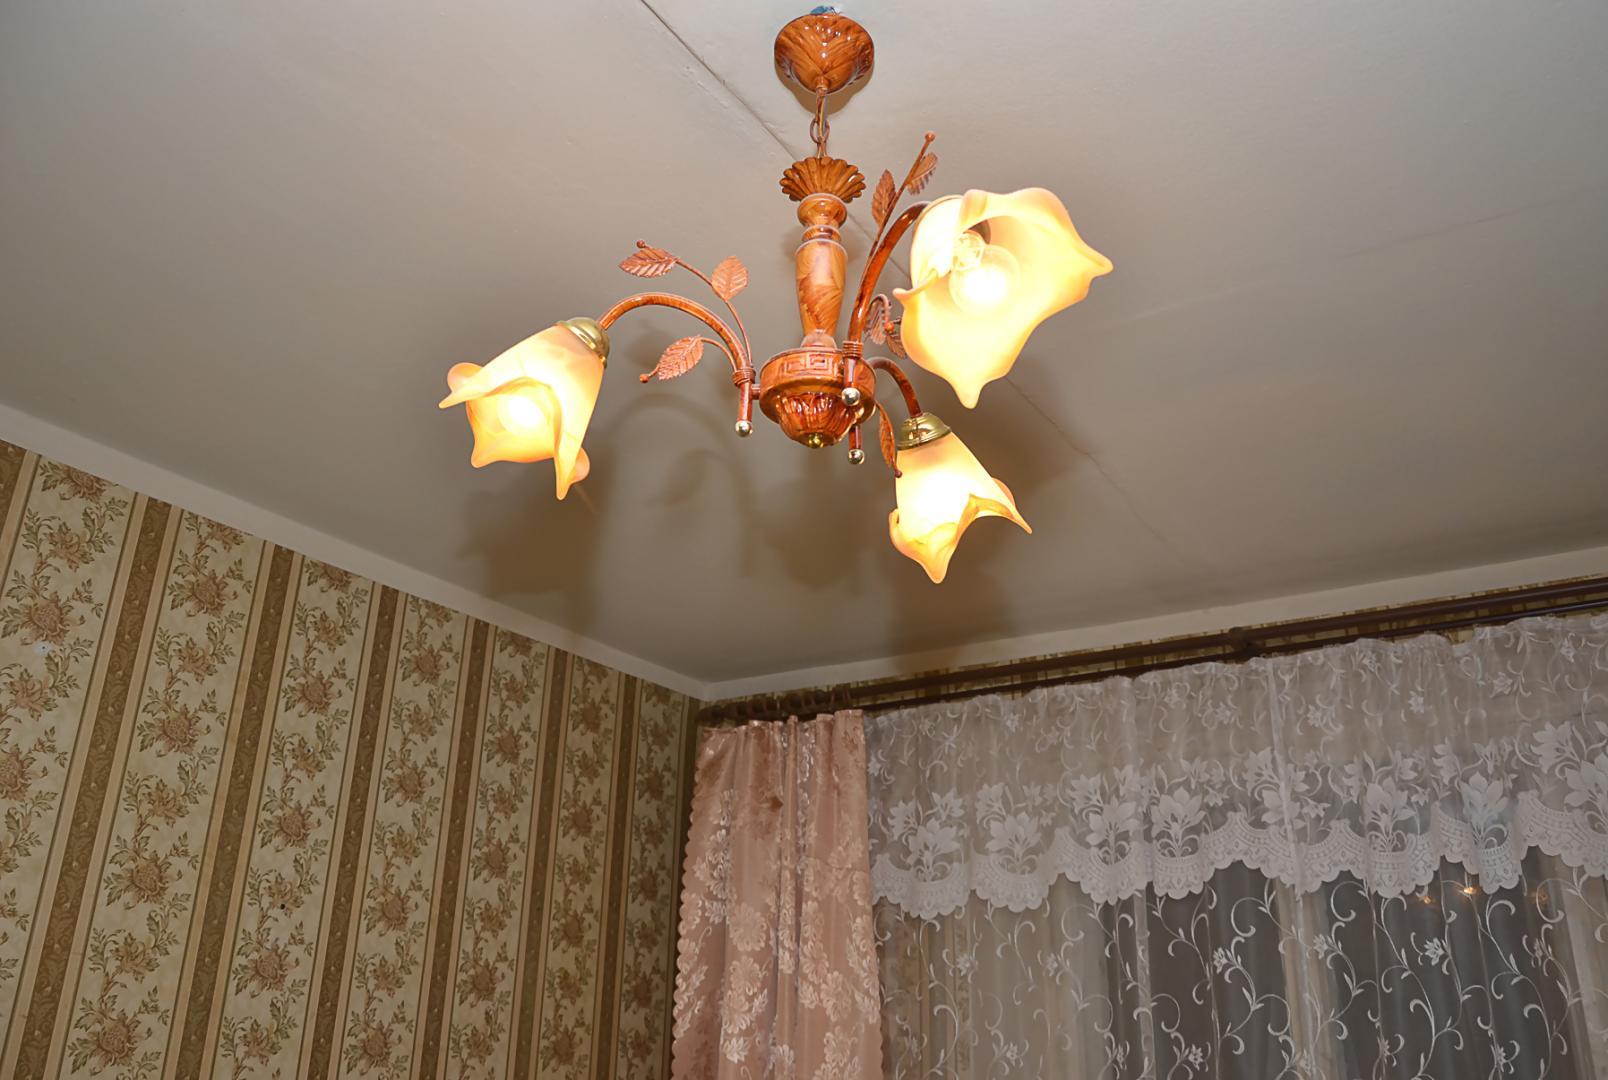 Продам комната по адресу Россия, Ярославская область, городской округ Рыбинск, Рыбинск, улица 9 Мая, 15 фото 2 по выгодной цене